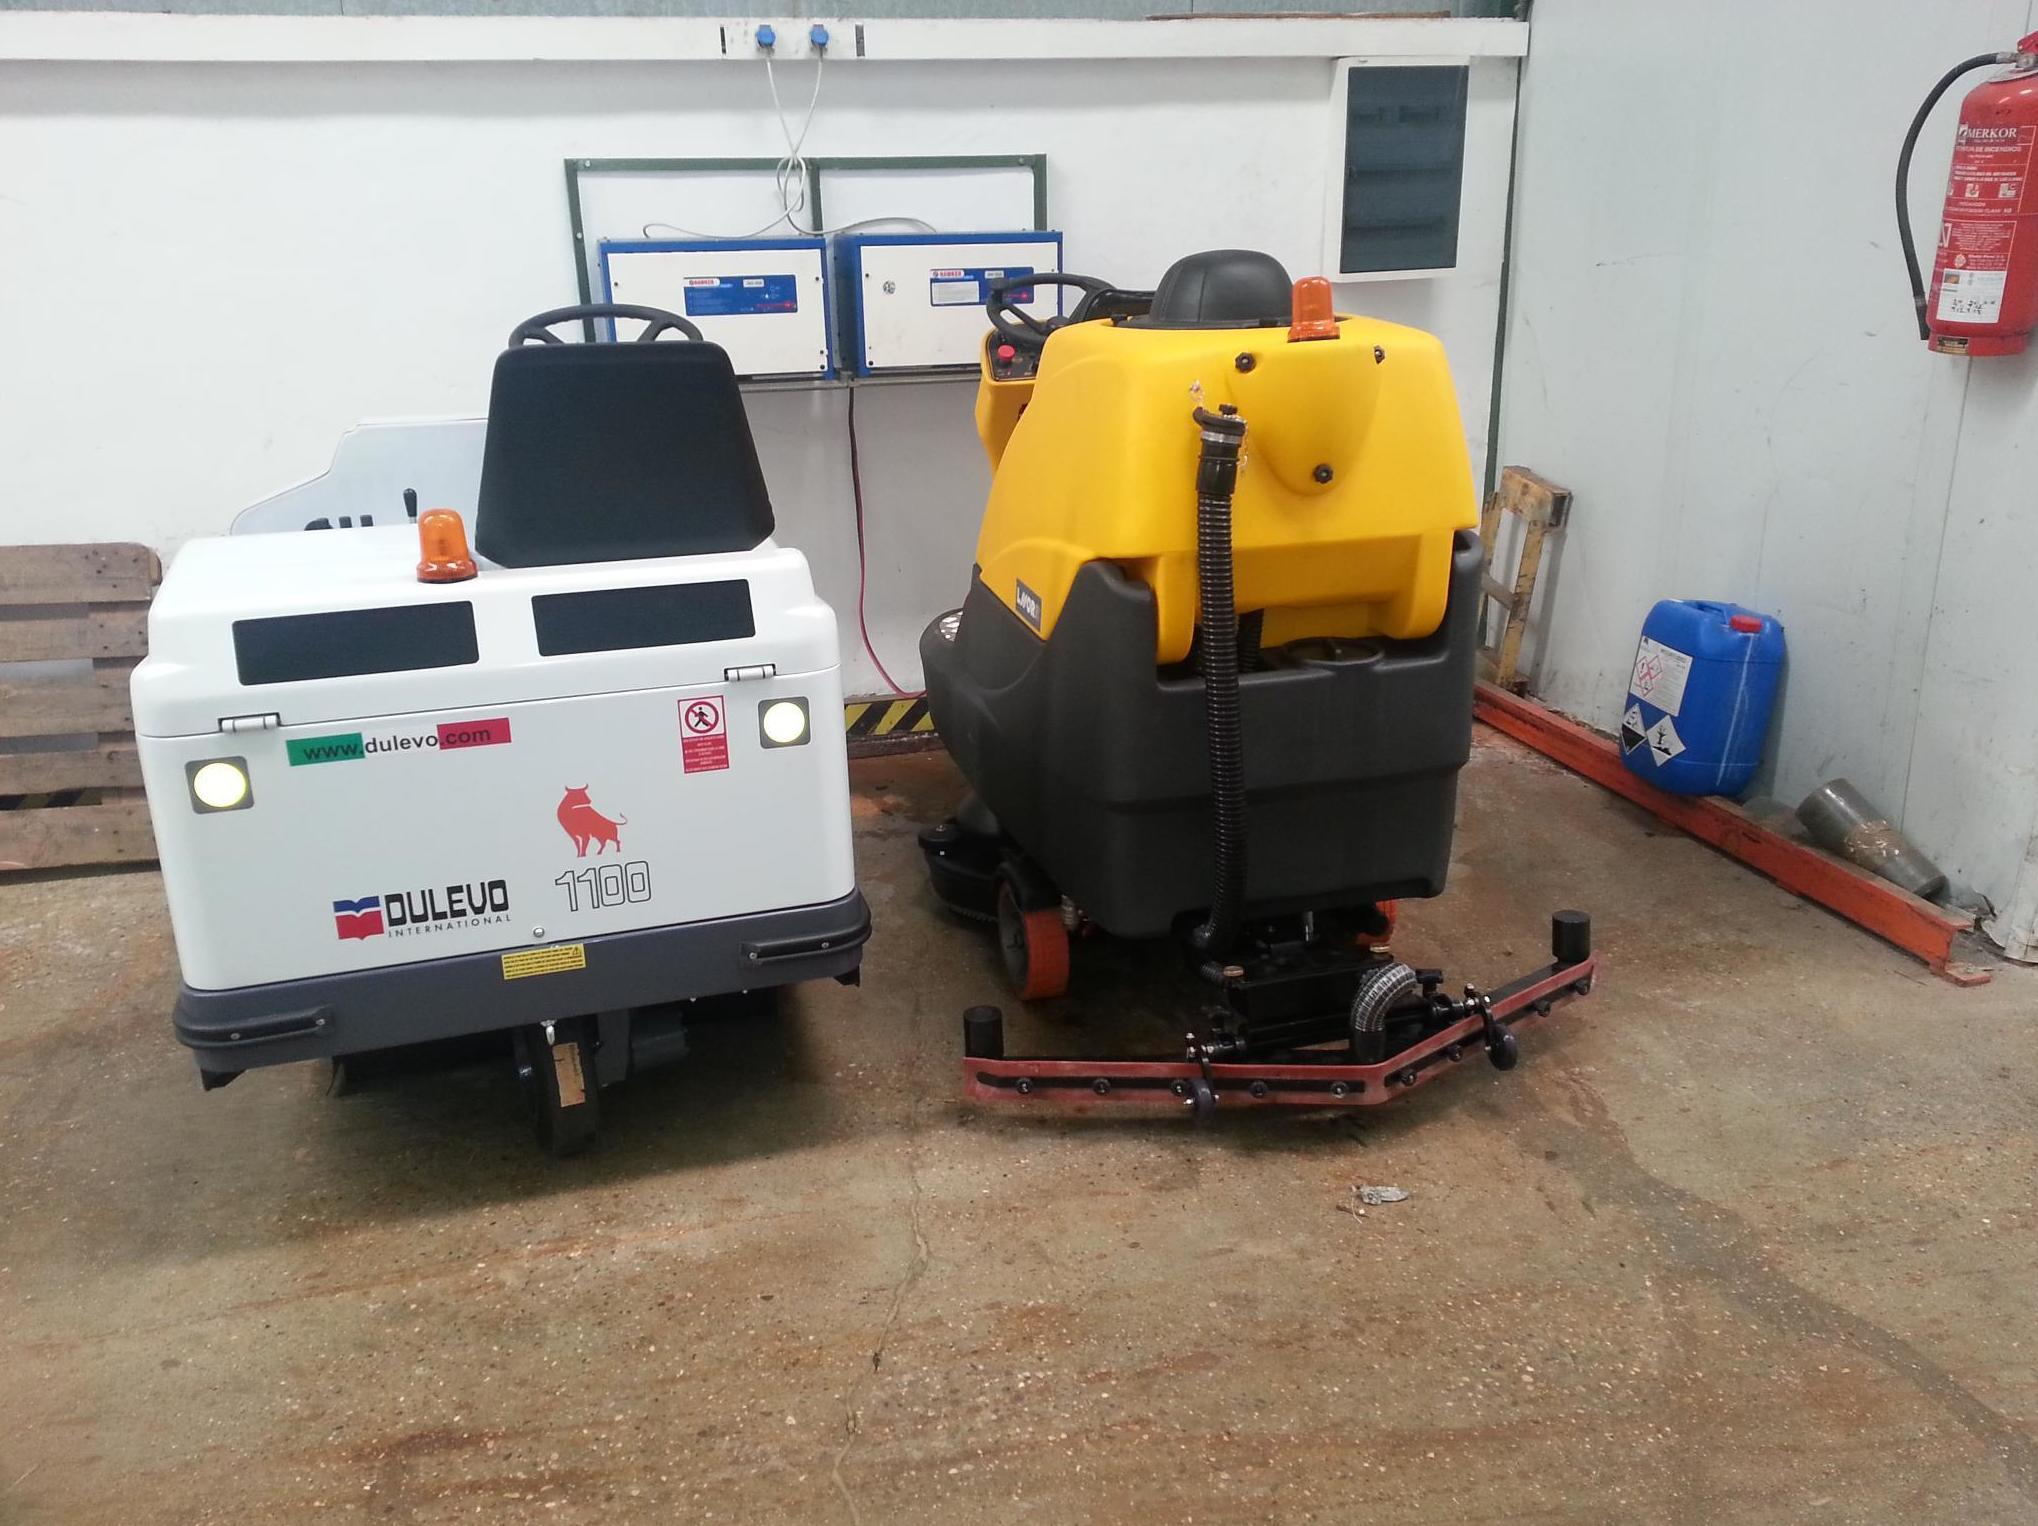 Venta y reparación de equipos de limpieza profesional en Navarra